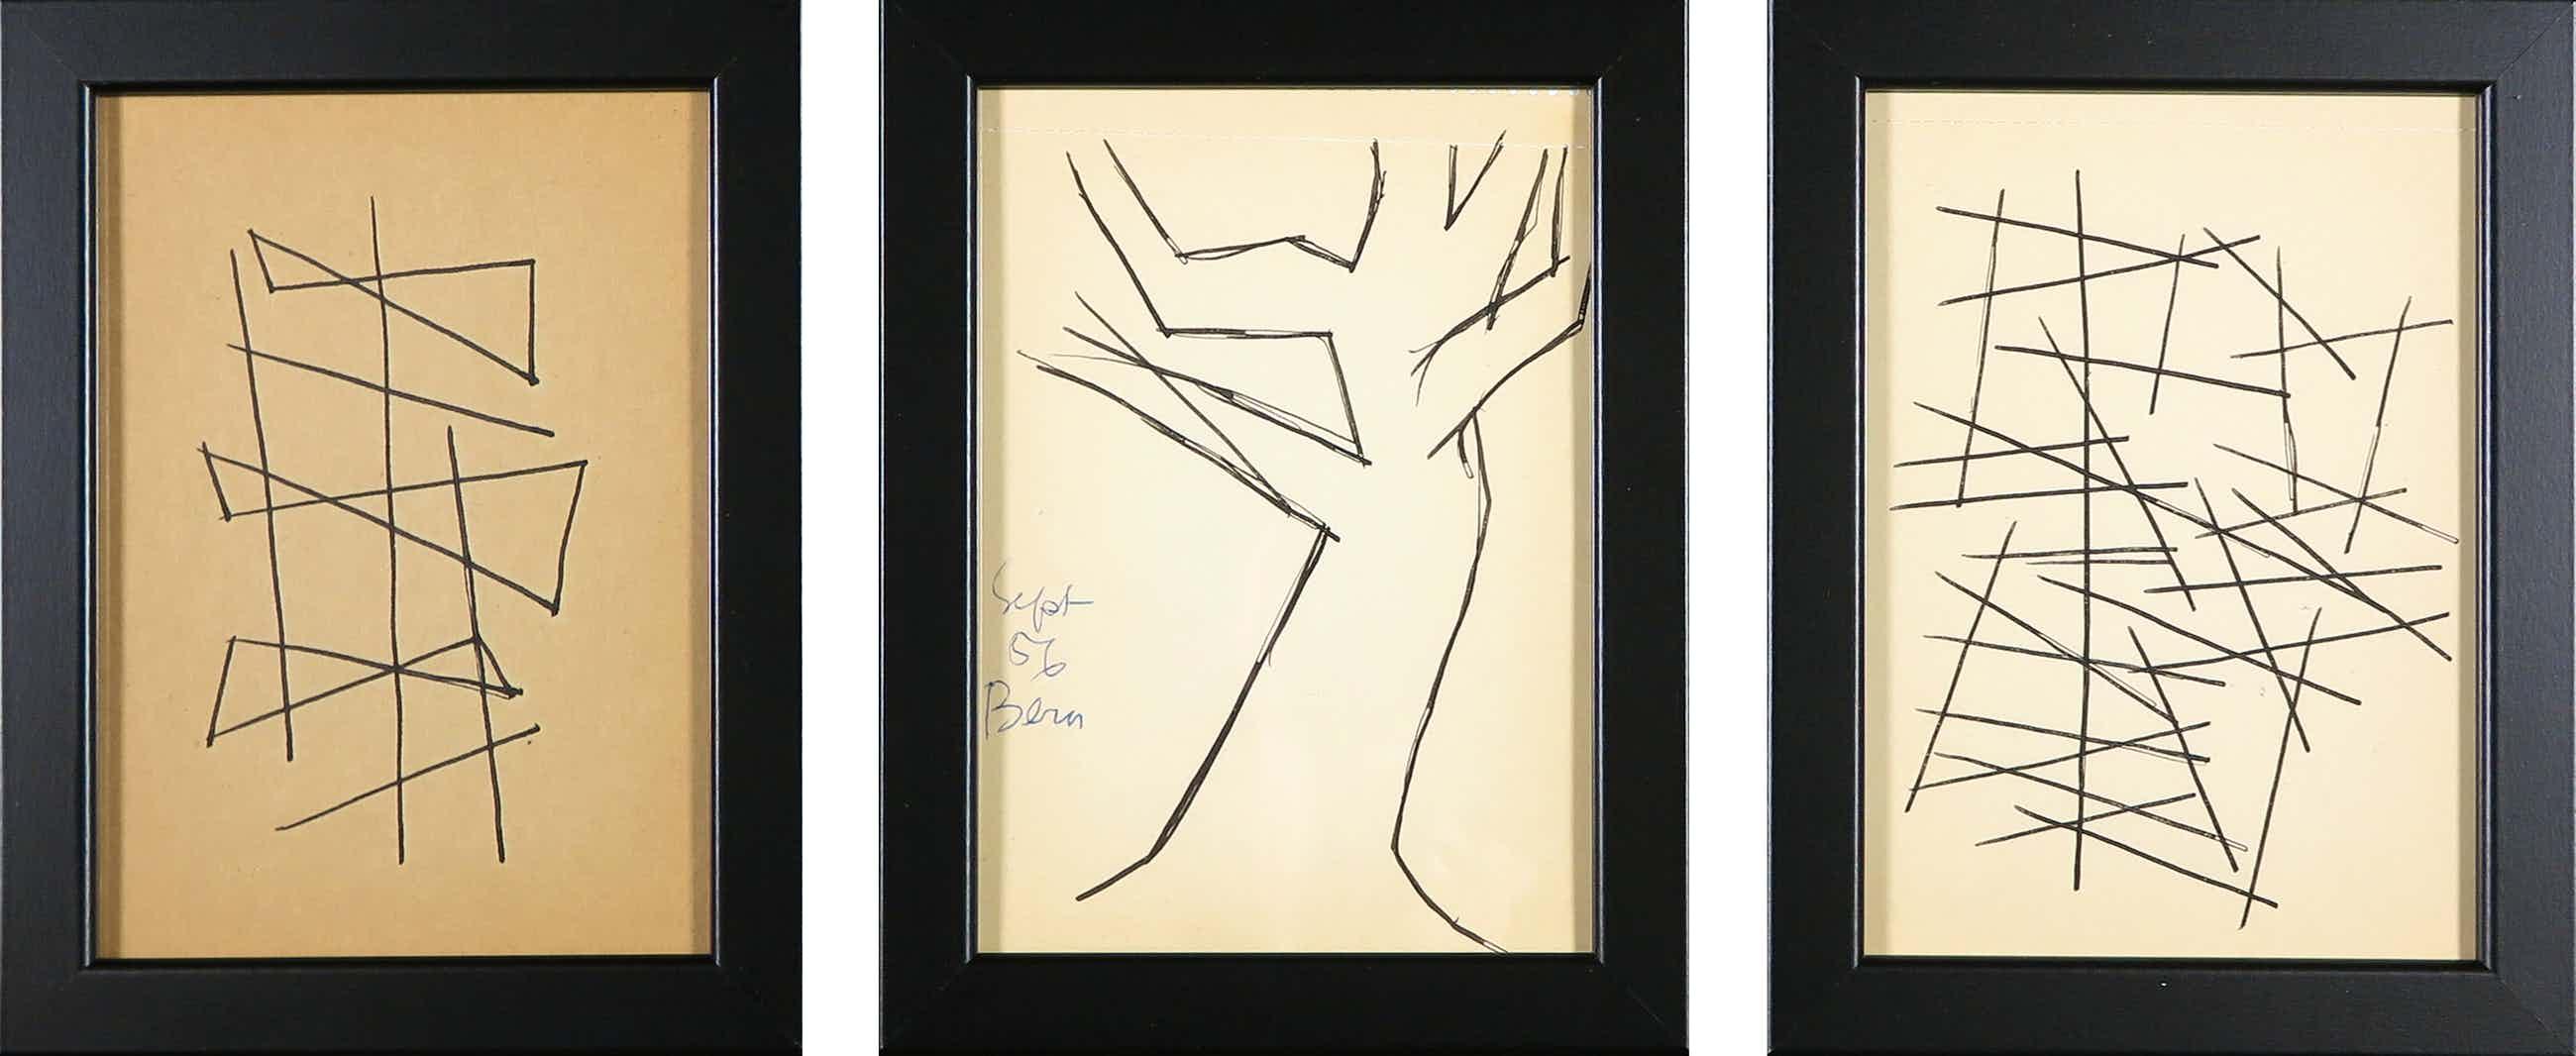 Siep van den Berg - Lot van drie tekeningen, Abstracte composities - Ingelijst kopen? Bied vanaf 35!